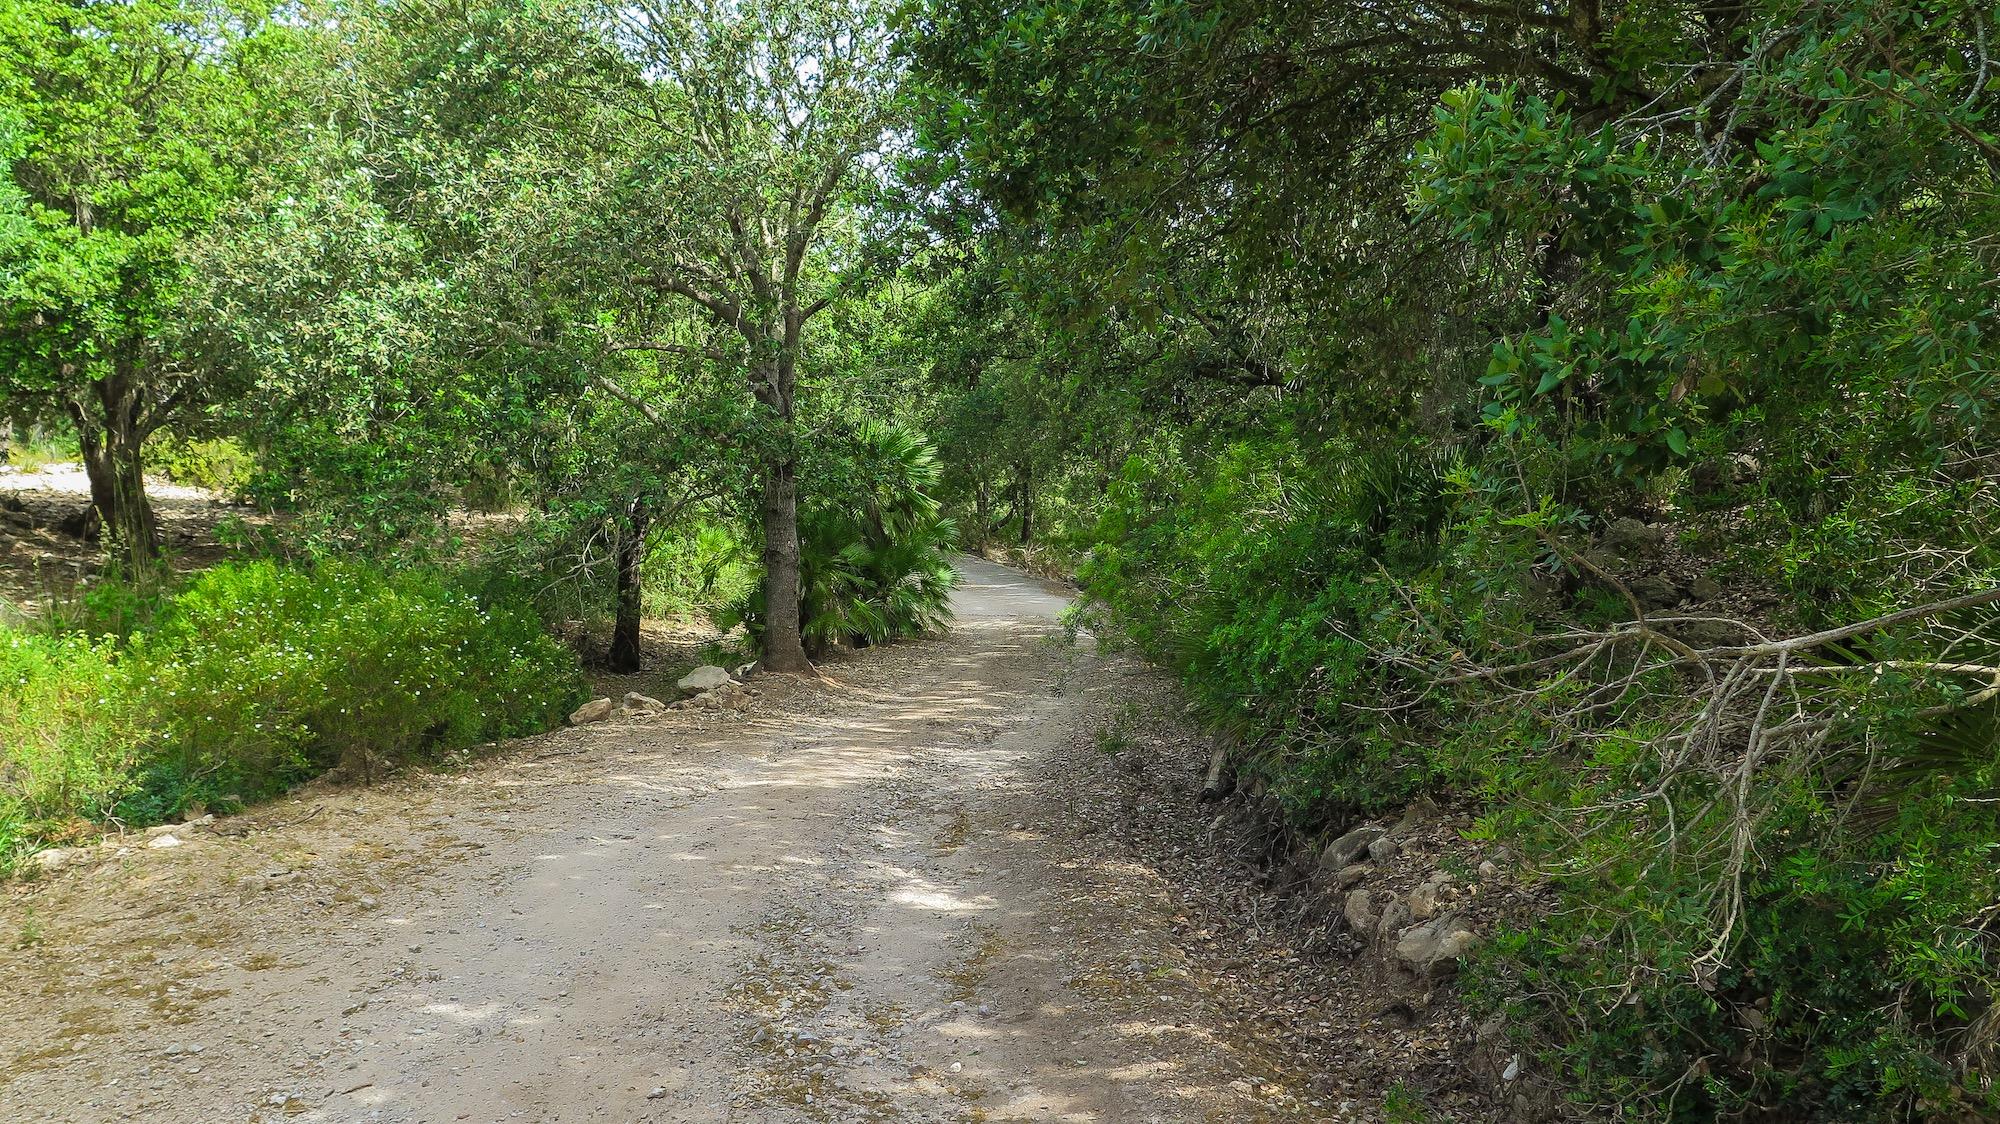 Parc Natural Llevant : Alqueria Vella, Arenalet, Camí Mondoi, Camí ...